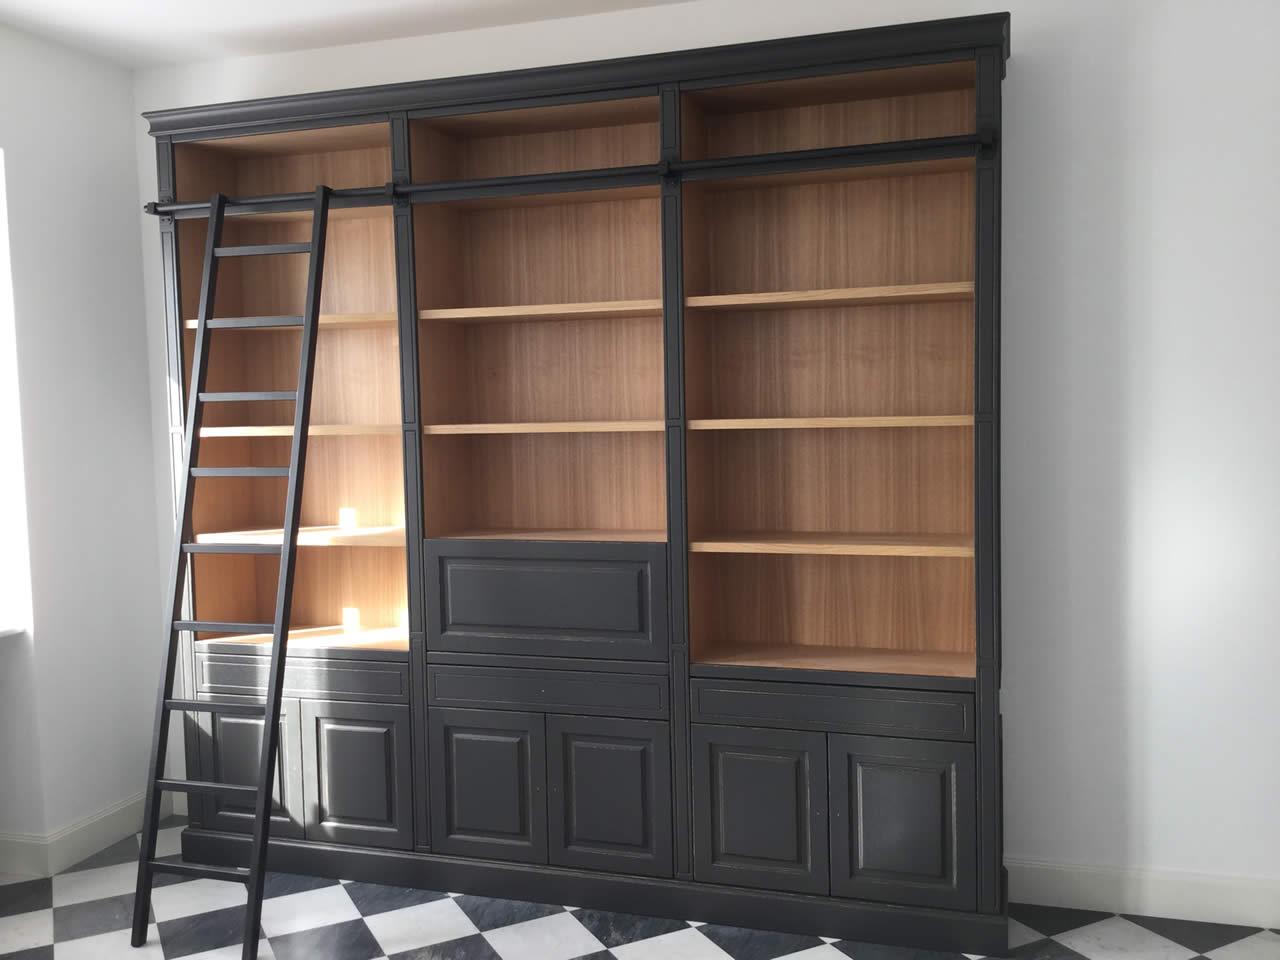 Restauro shabby chic - Restauro mobili genova ...